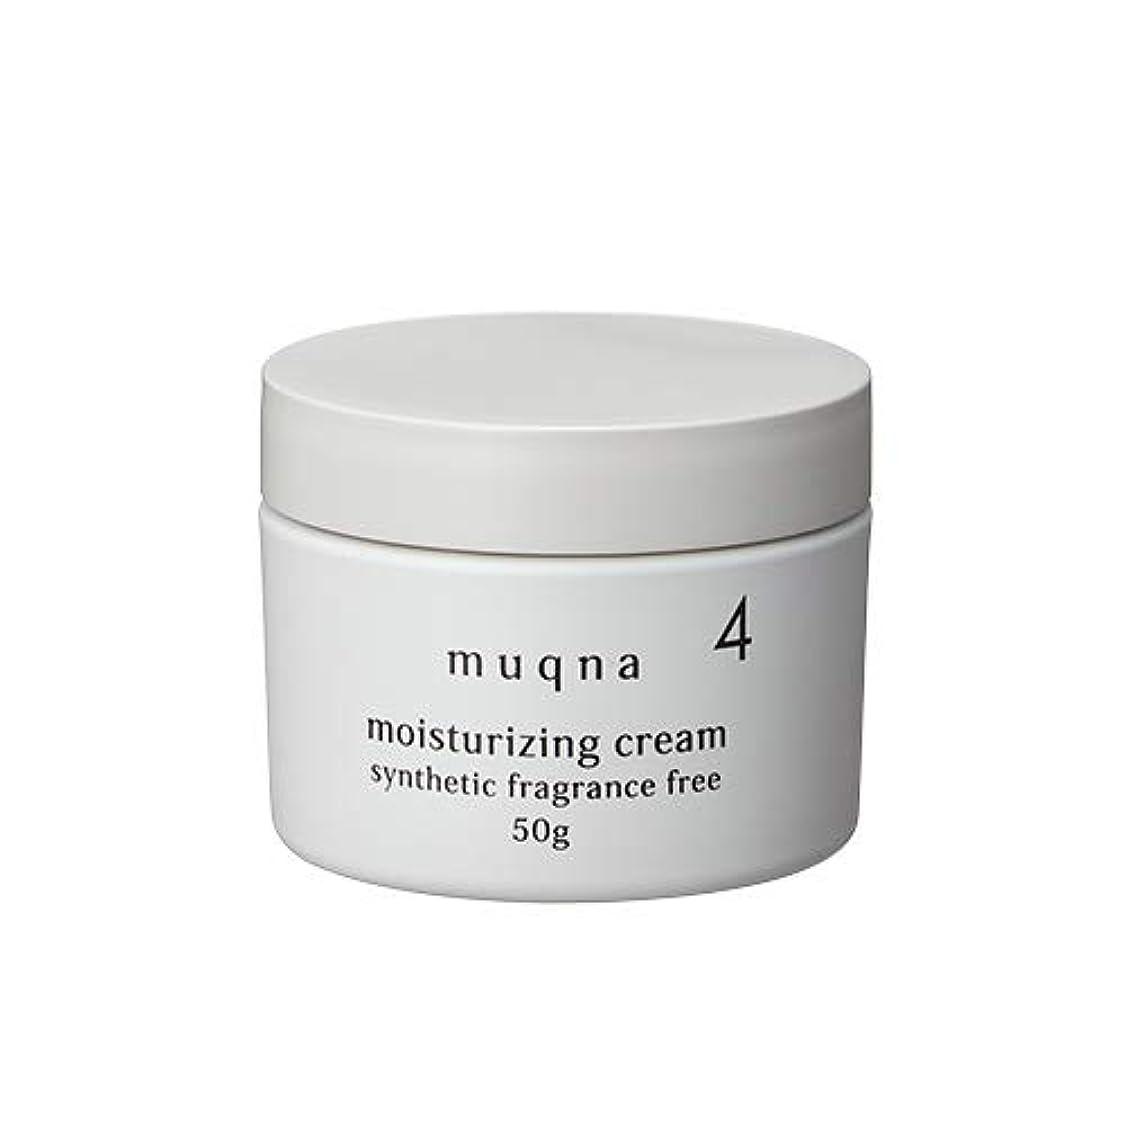 ダッシュおもしろいクリエイティブ東急ハンズオリジナル muqna(ムクナ) 保湿クリーム 50g